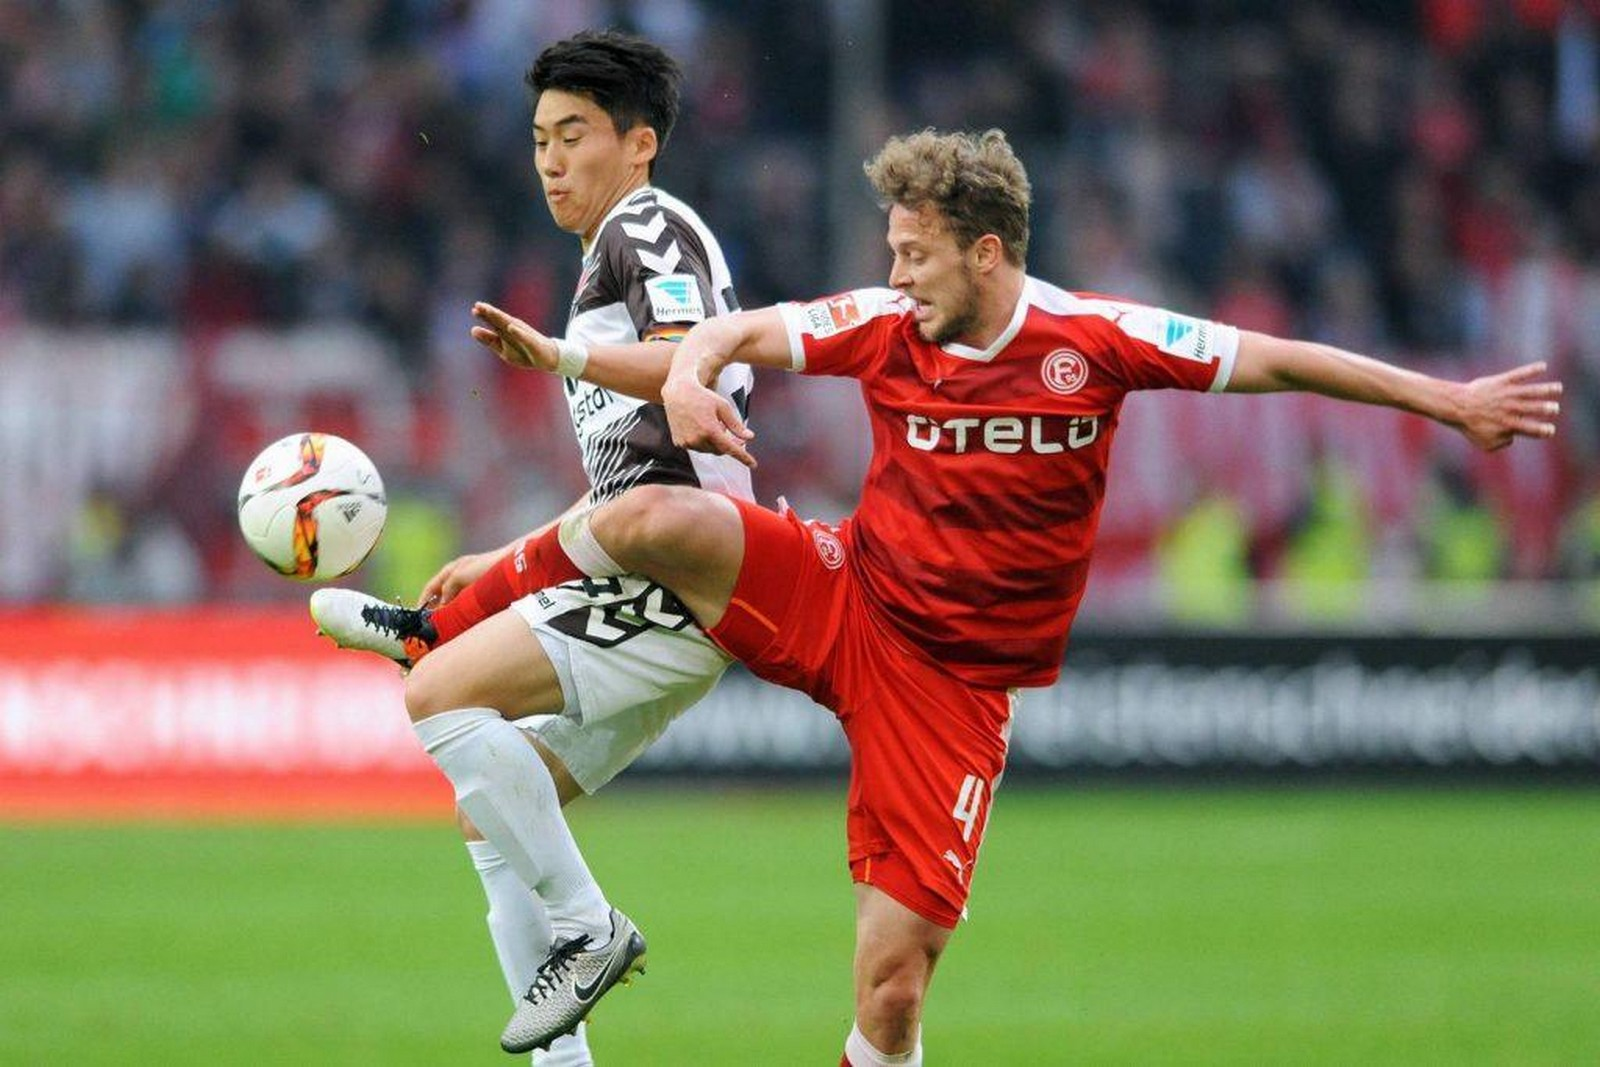 Kyoung-Rok Choi im Trikot des FC St. Pauli gegen Julian Schauerte von Fortuna Düsseldorf